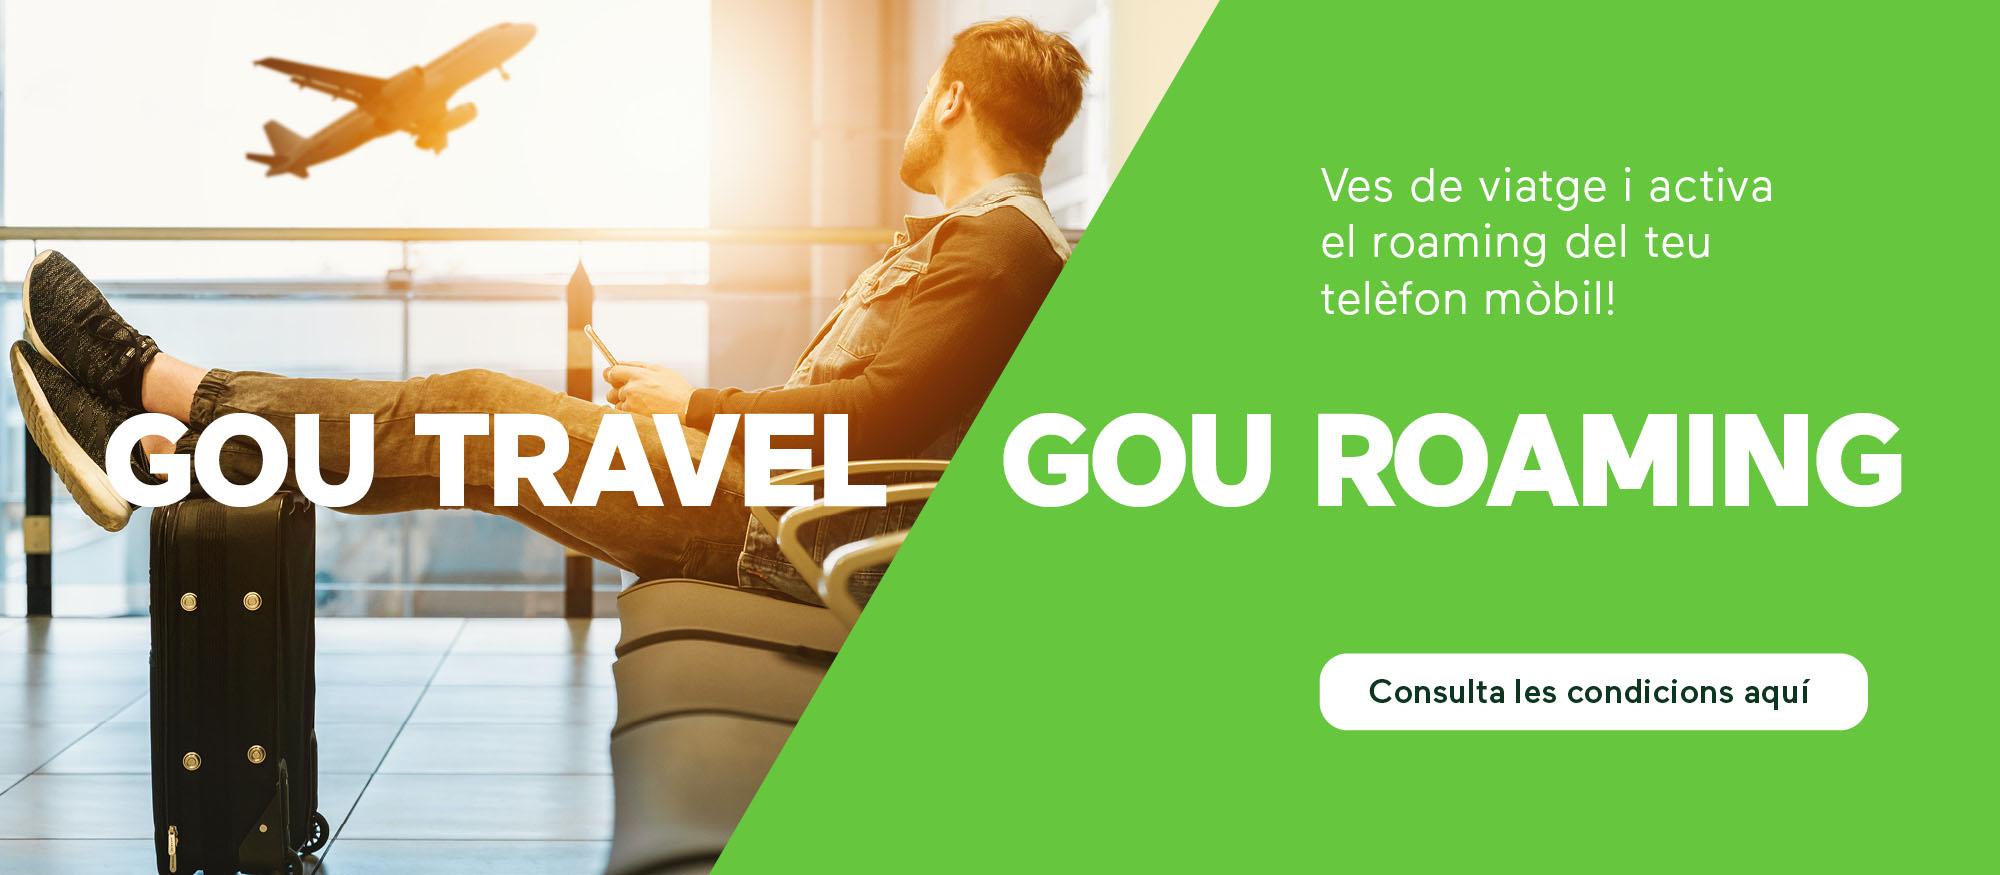 Roaming. Tarifes Internacionals i Roaming de telefonia fixa i mòbil, preus en trucades nacionals i internacionals (dins i fora de la Unió Europea)